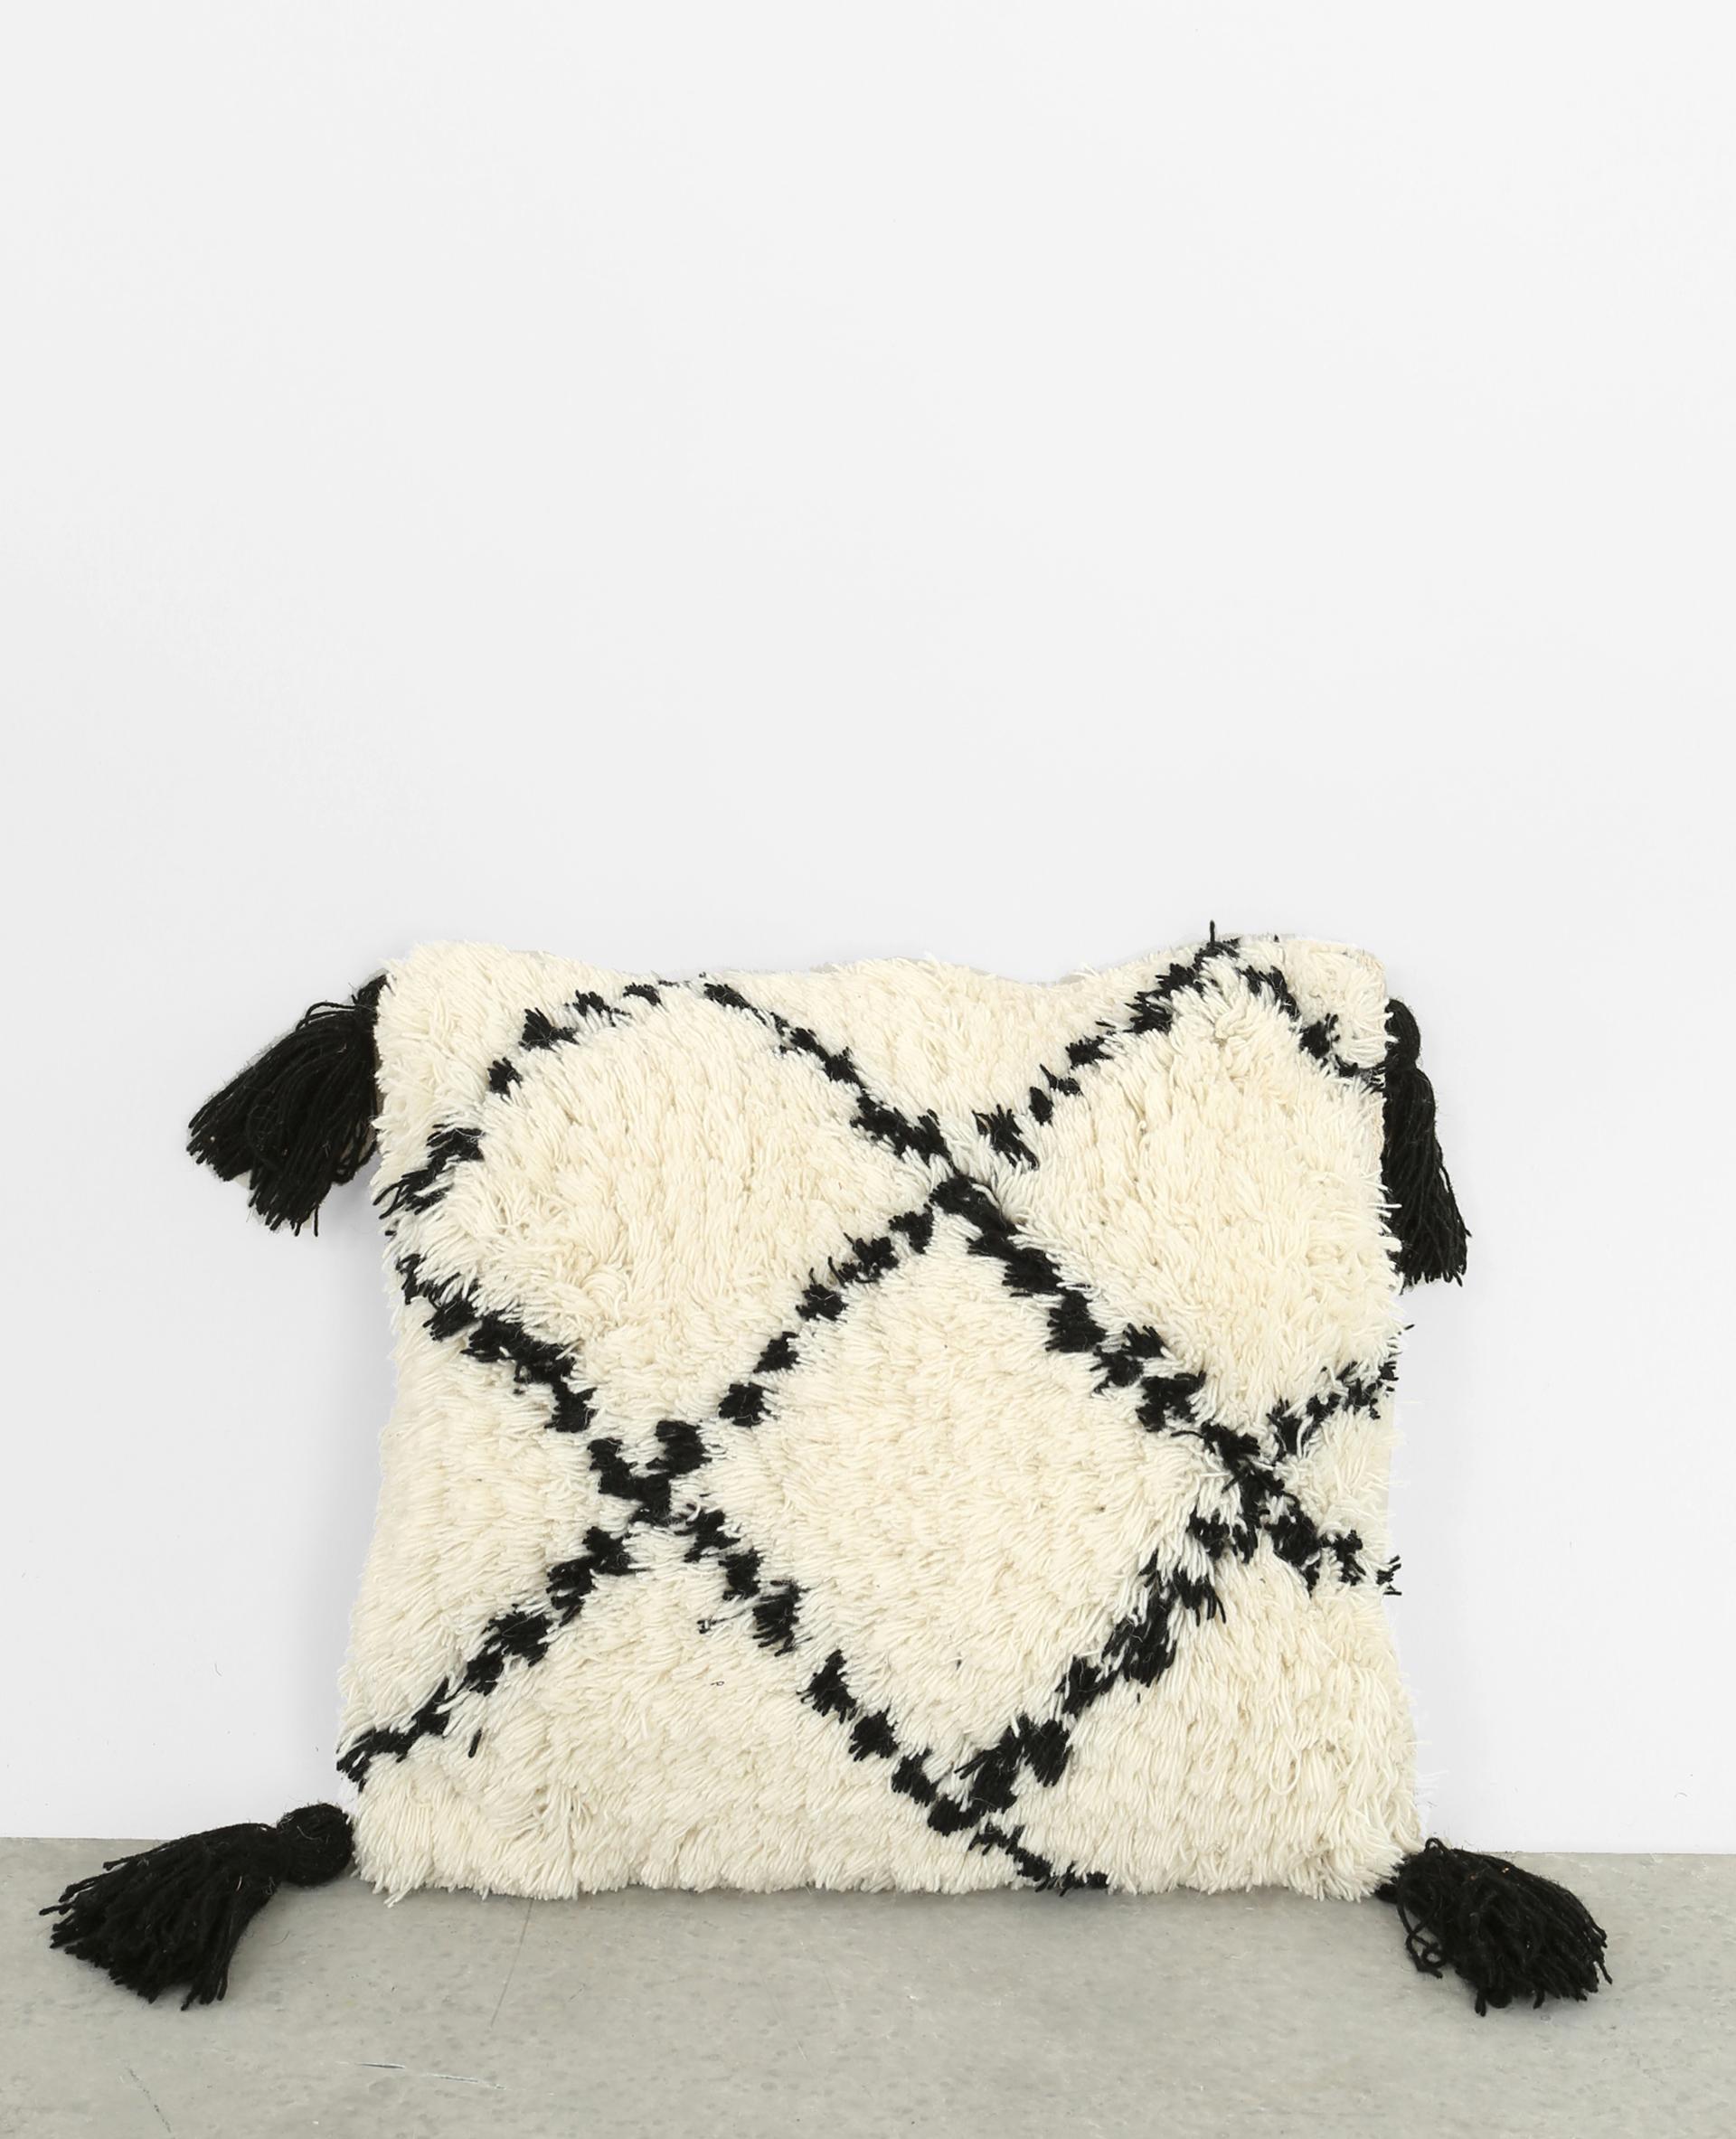 housse de coussin berb re blanc cass 904644912i09 pimkie. Black Bedroom Furniture Sets. Home Design Ideas